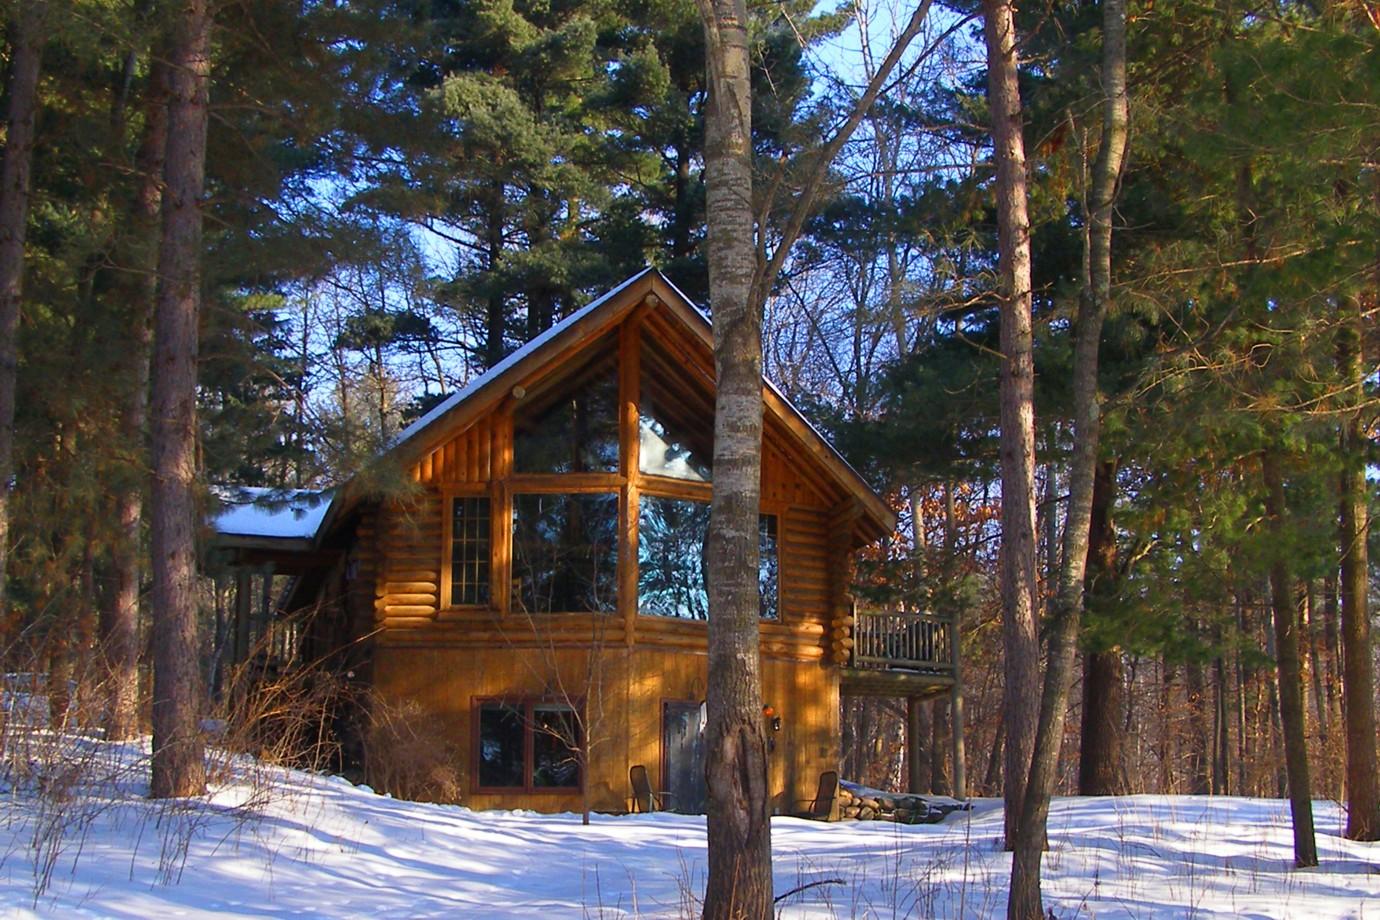 2008 02 23 ARC 004 cottage edit2 crop.jpg